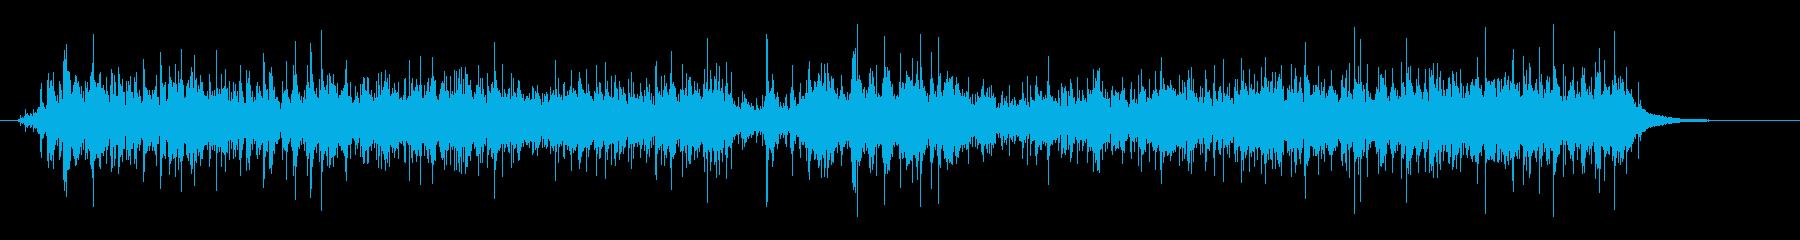 木の実 ガラガラ カサカサ リバーの再生済みの波形